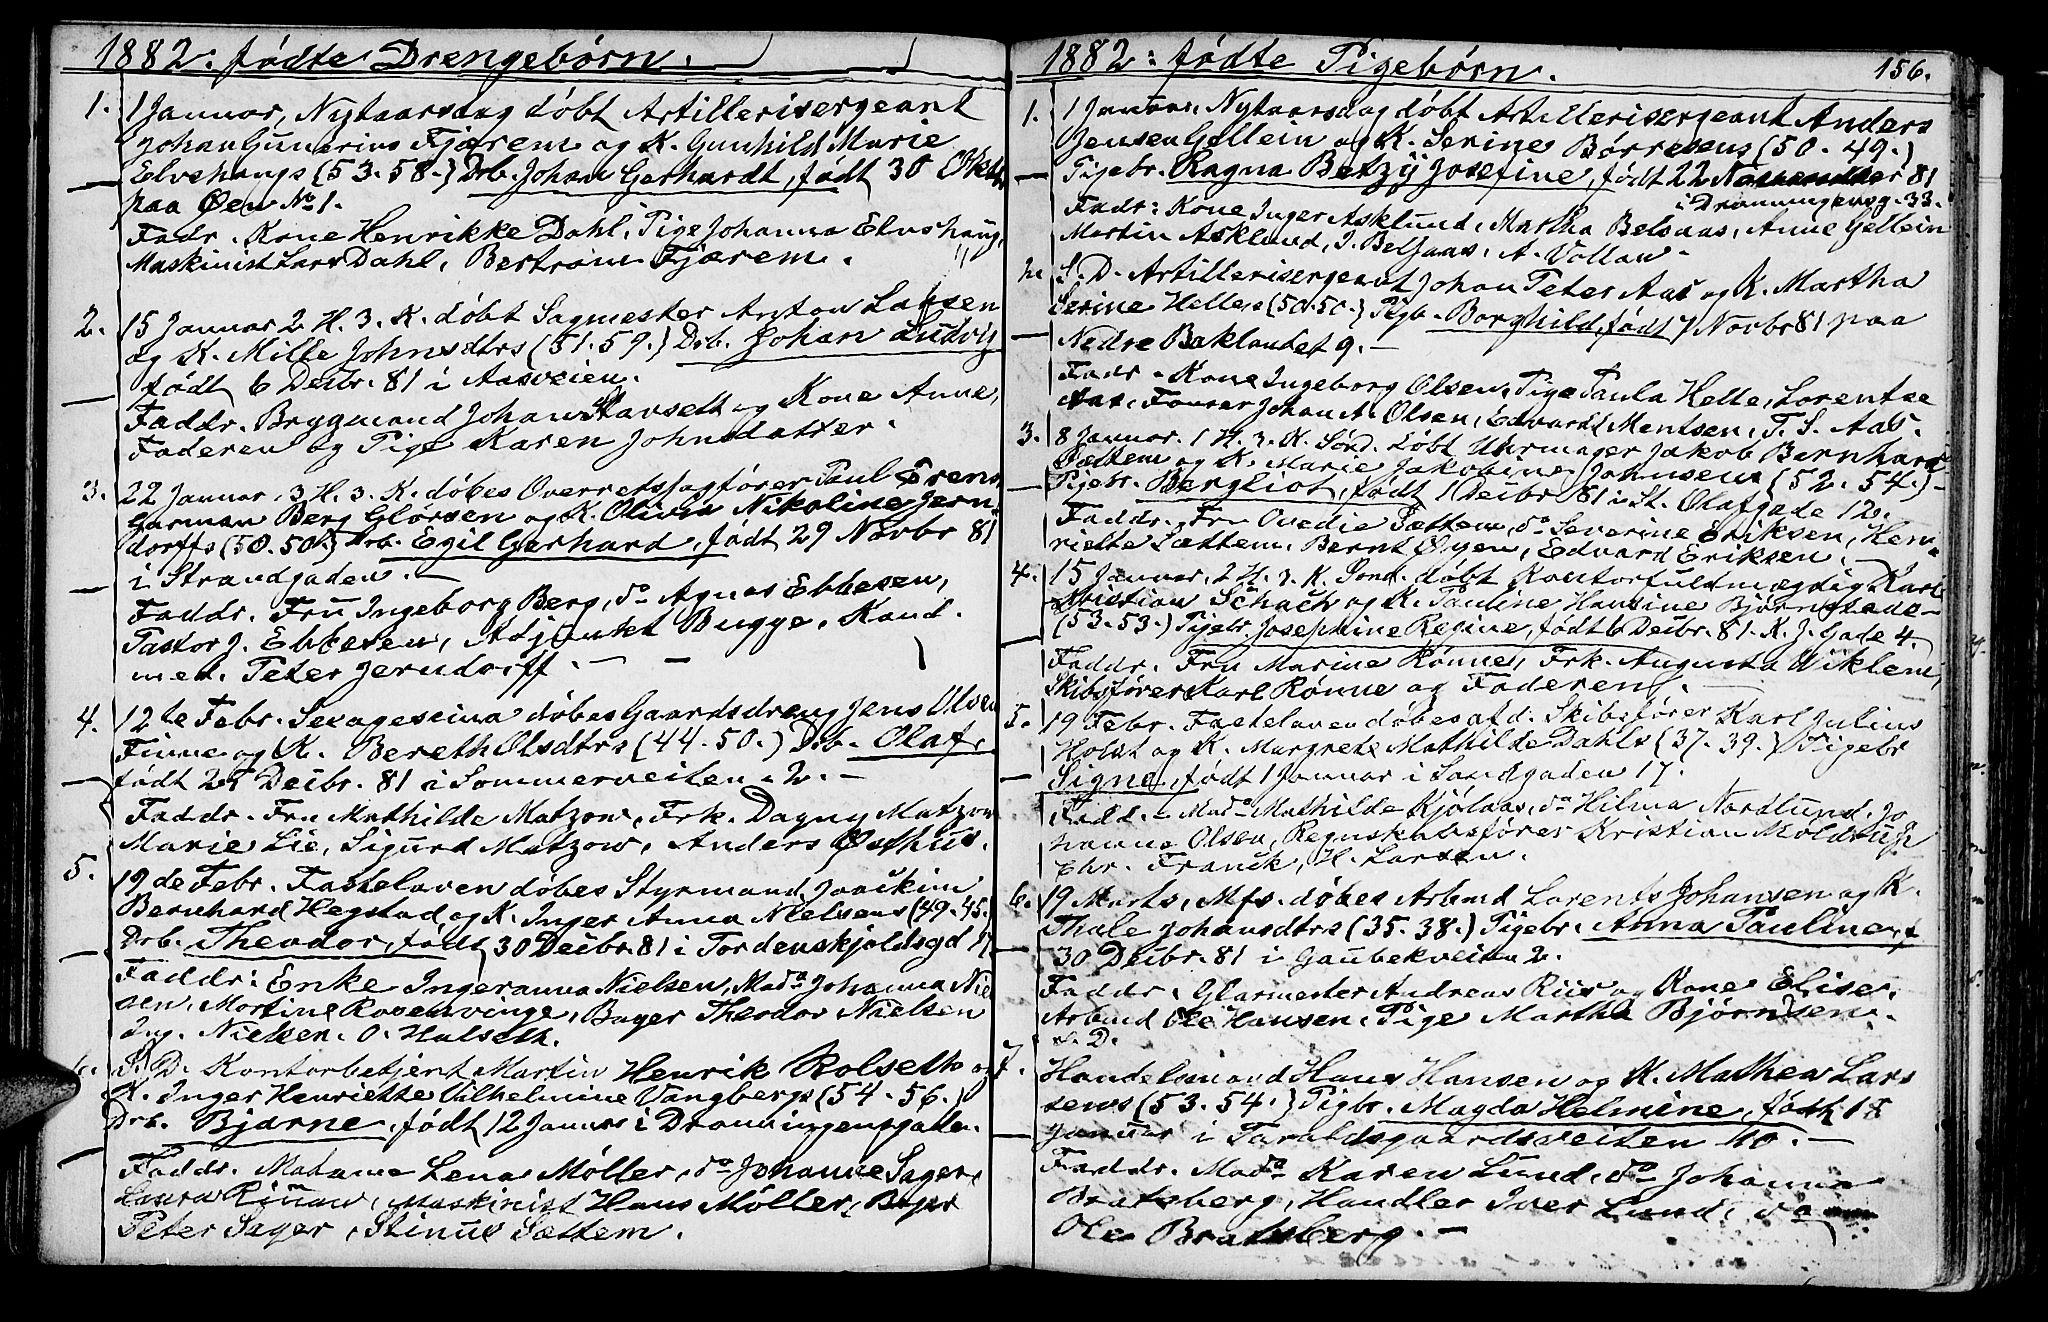 SAT, Ministerialprotokoller, klokkerbøker og fødselsregistre - Sør-Trøndelag, 602/L0142: Klokkerbok nr. 602C10, 1872-1894, s. 156